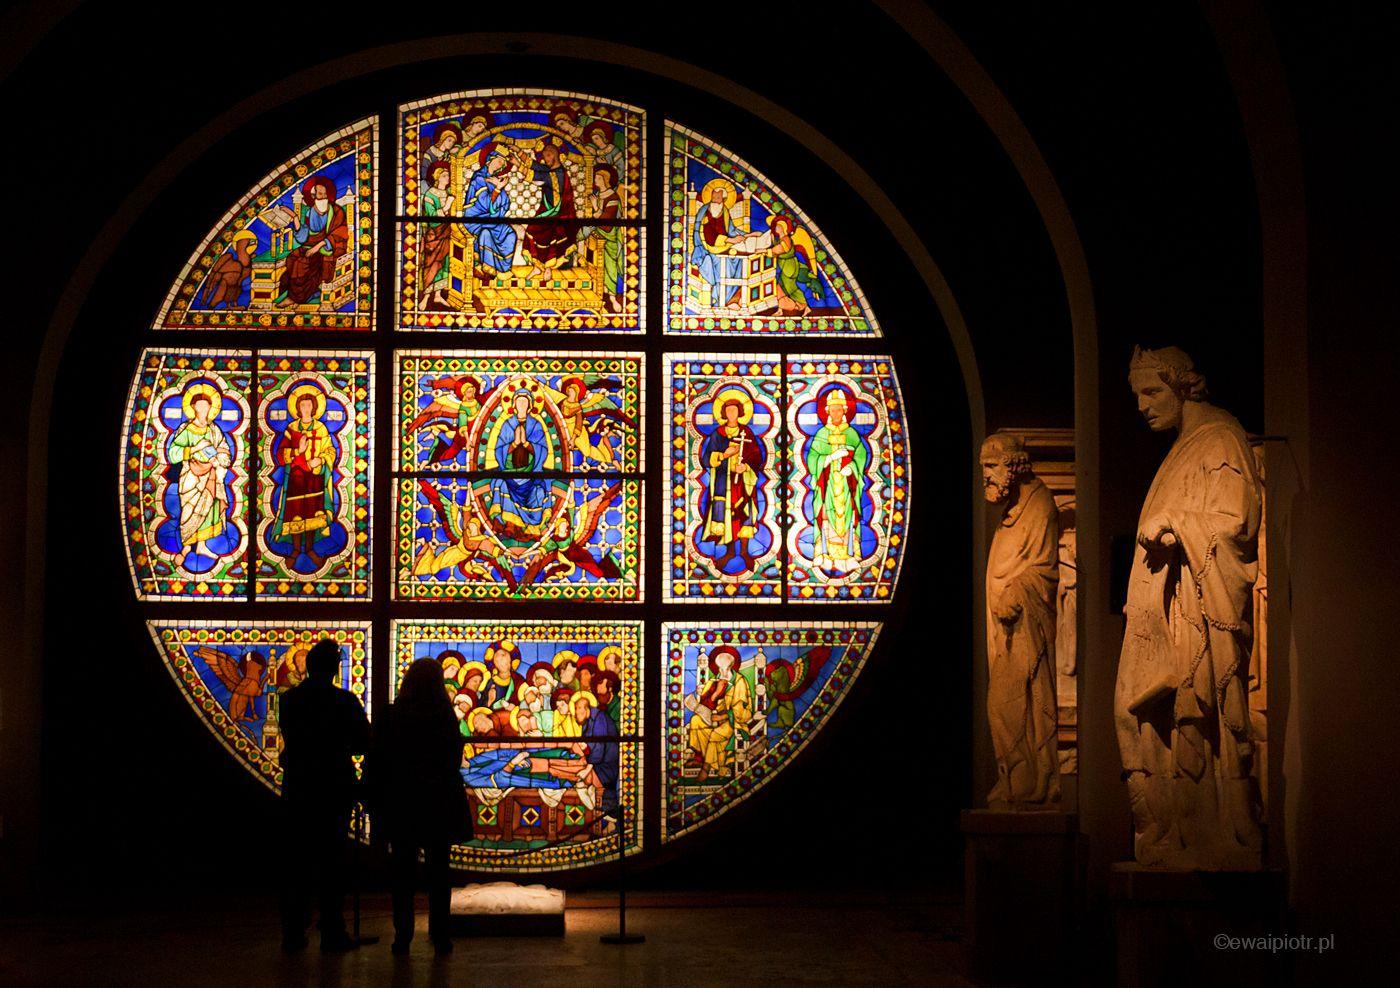 Witraż w katedrze, Siena, Toskania, fotowyprawa